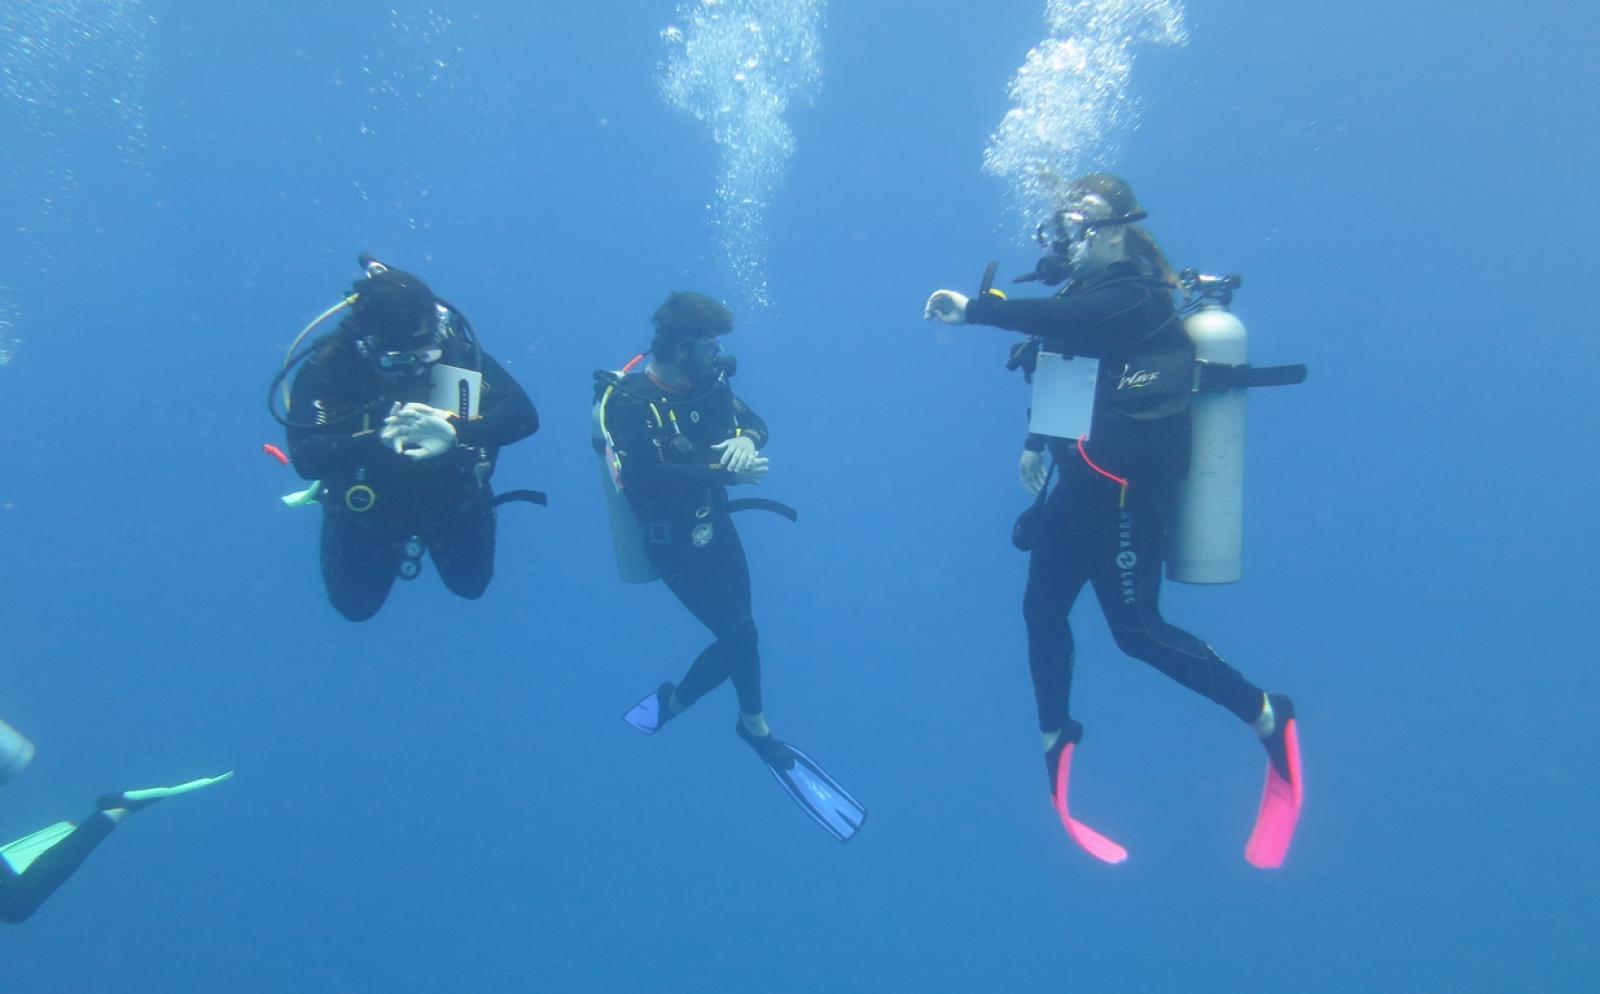 フィジーの海でダイブマスターを目指すボランティアたち